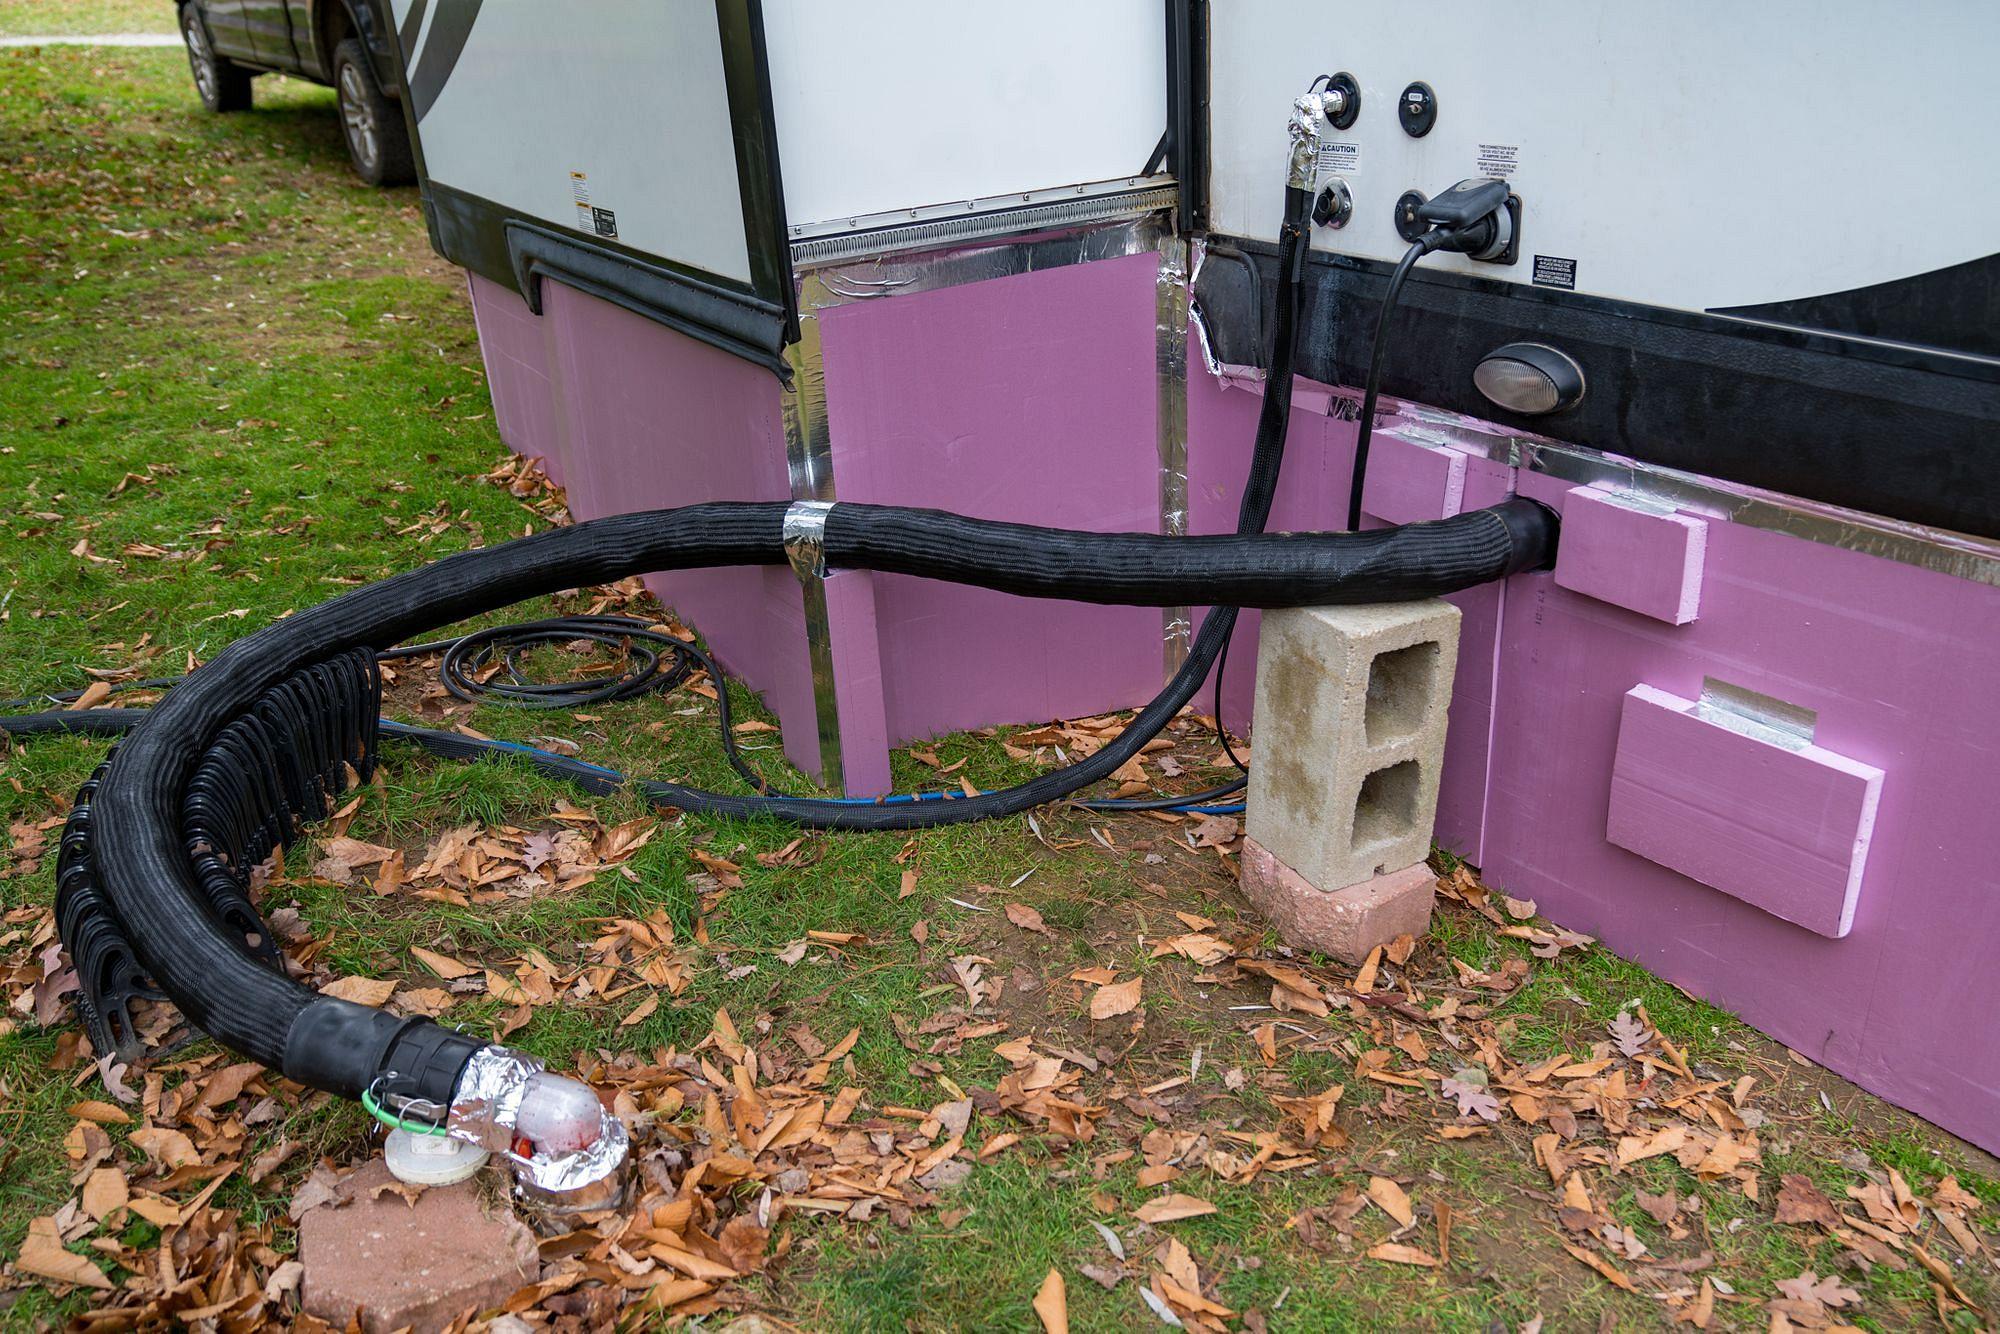 Installing NoFreezeWaterHose Fresh Water & Waste Hoses